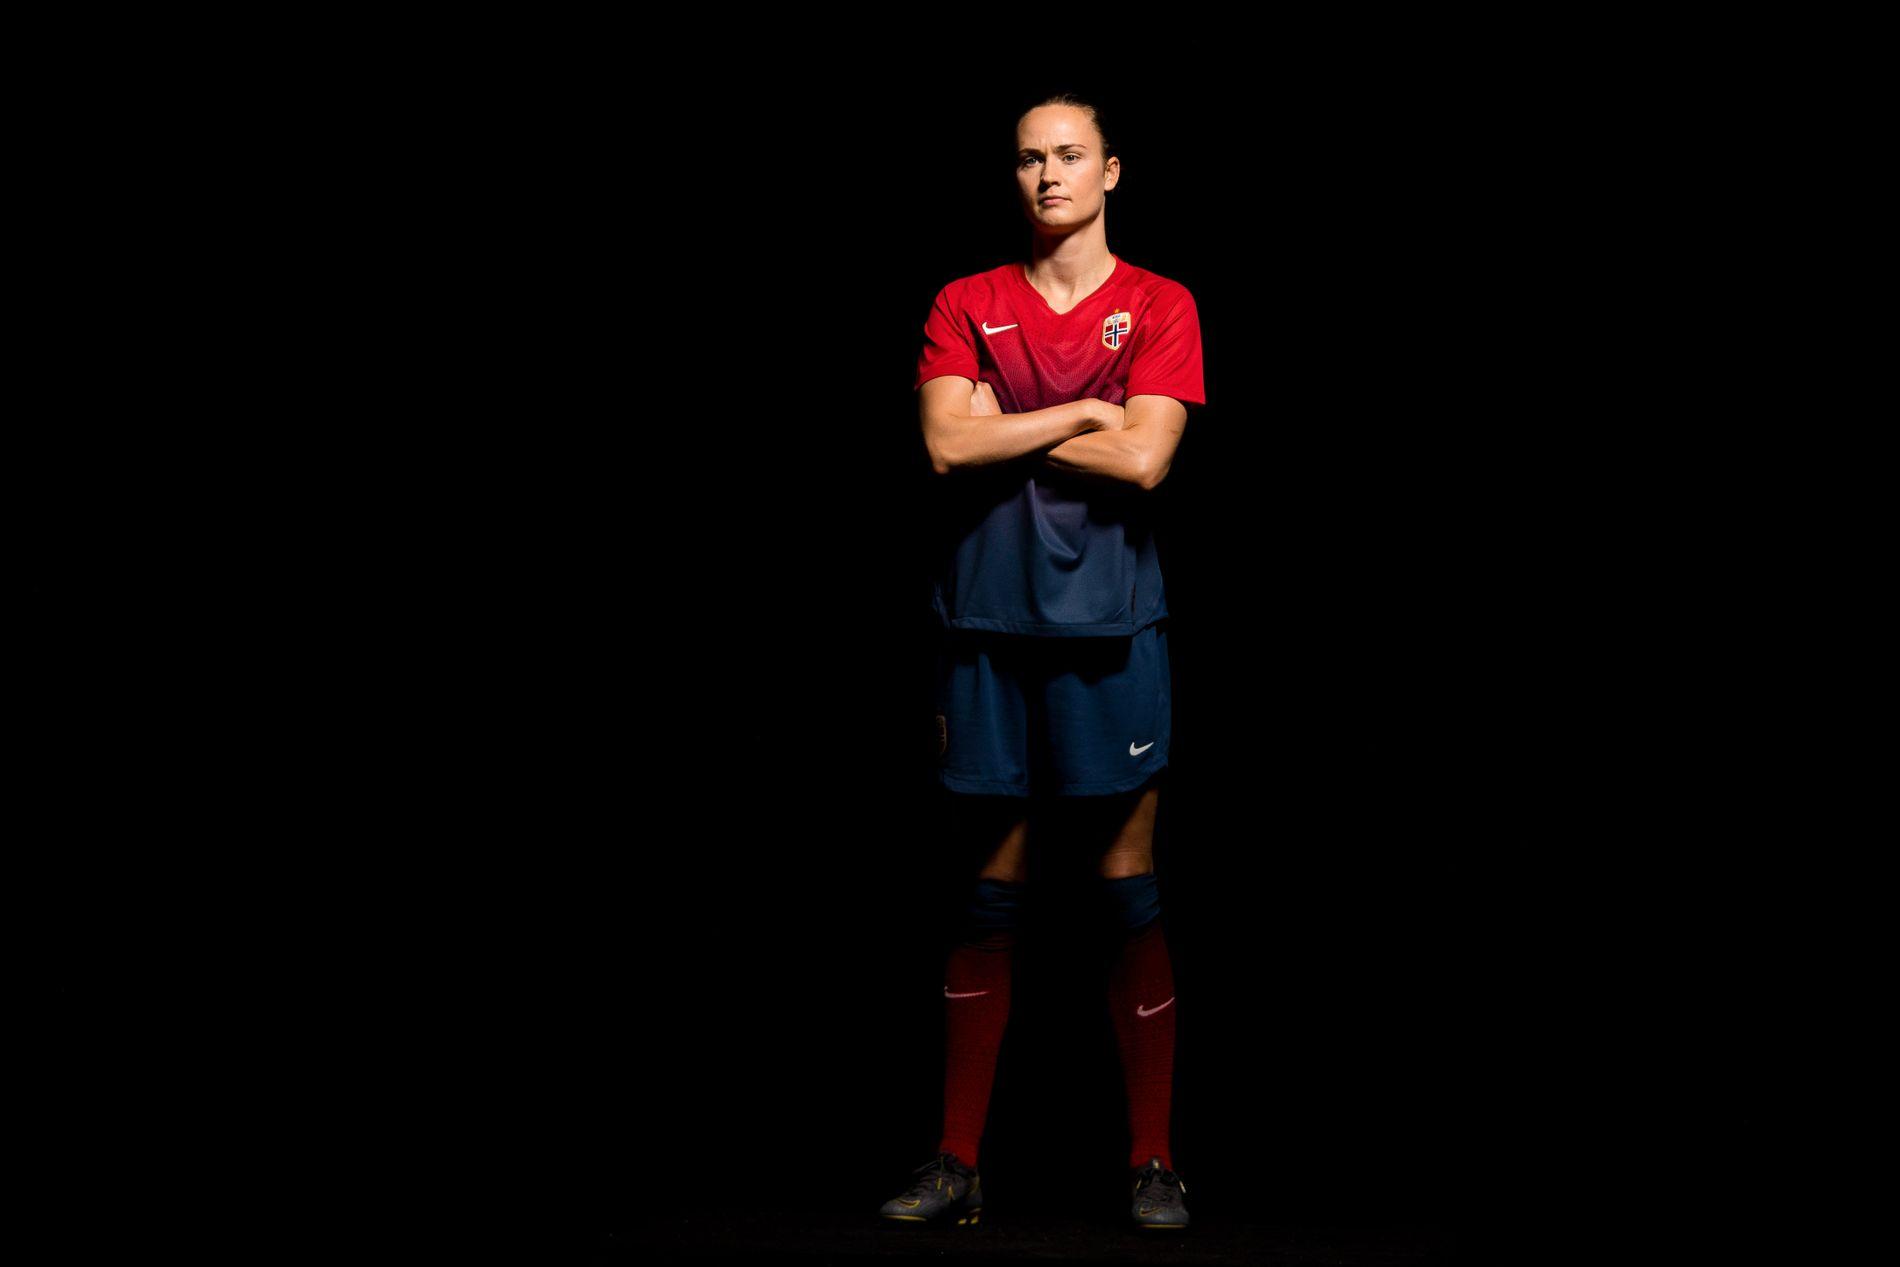 Norge har som mål å ta medalje i VM. Torsdag er England neste hinder for å få til det.